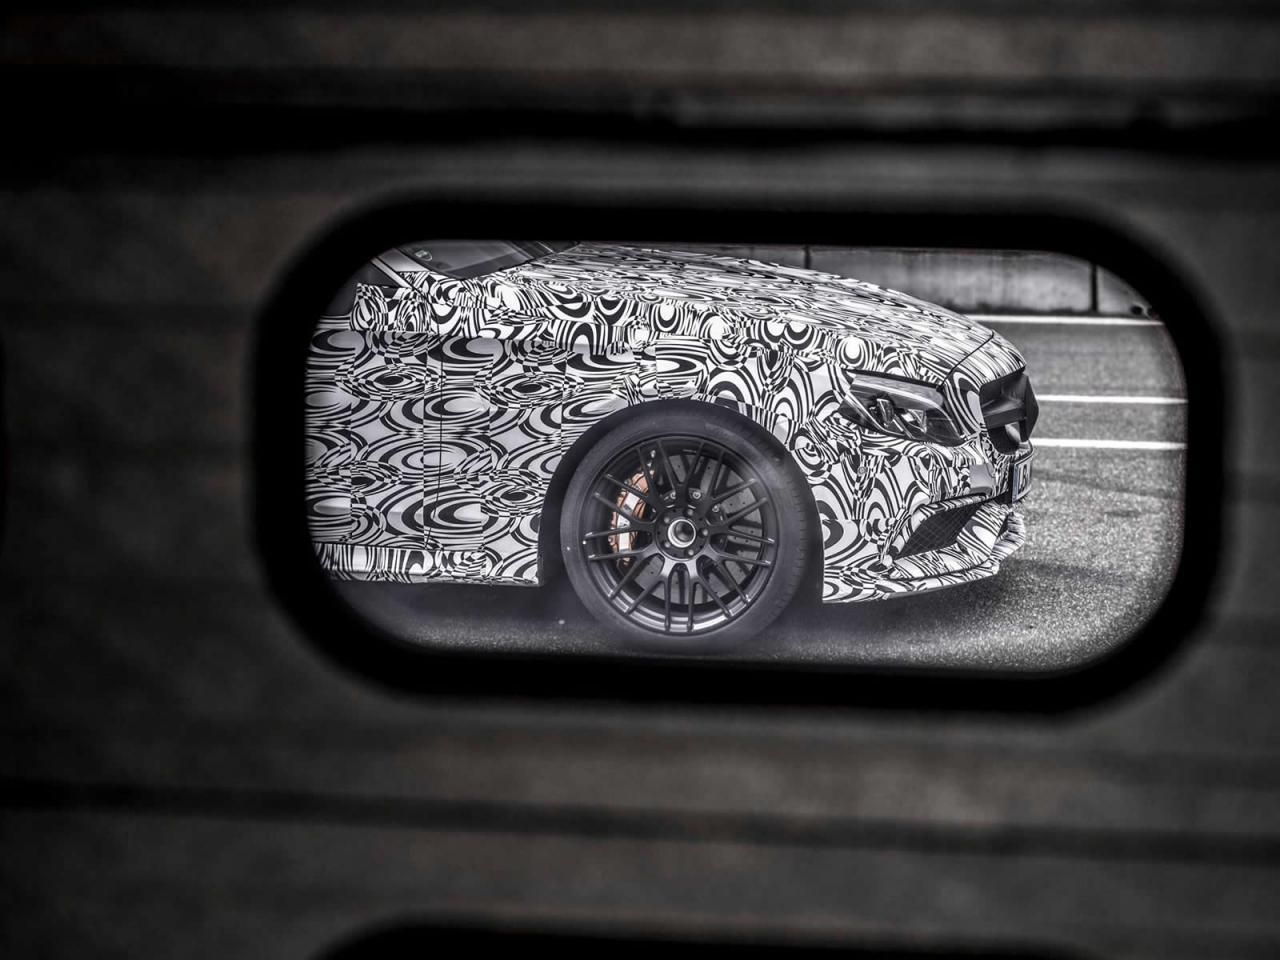 Primeras imágenes oficiales del Mercedes C 63 AMG Coupé 2